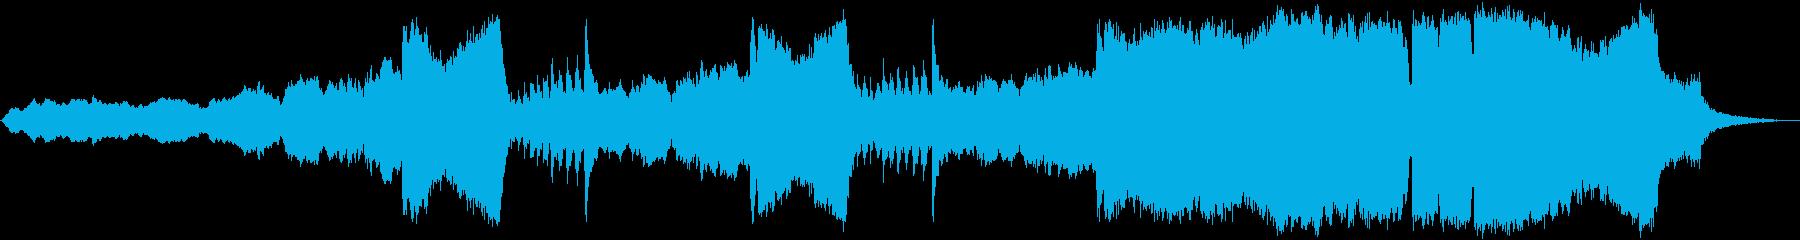 「ツァラトゥストラはかく語りき」全冒頭部の再生済みの波形